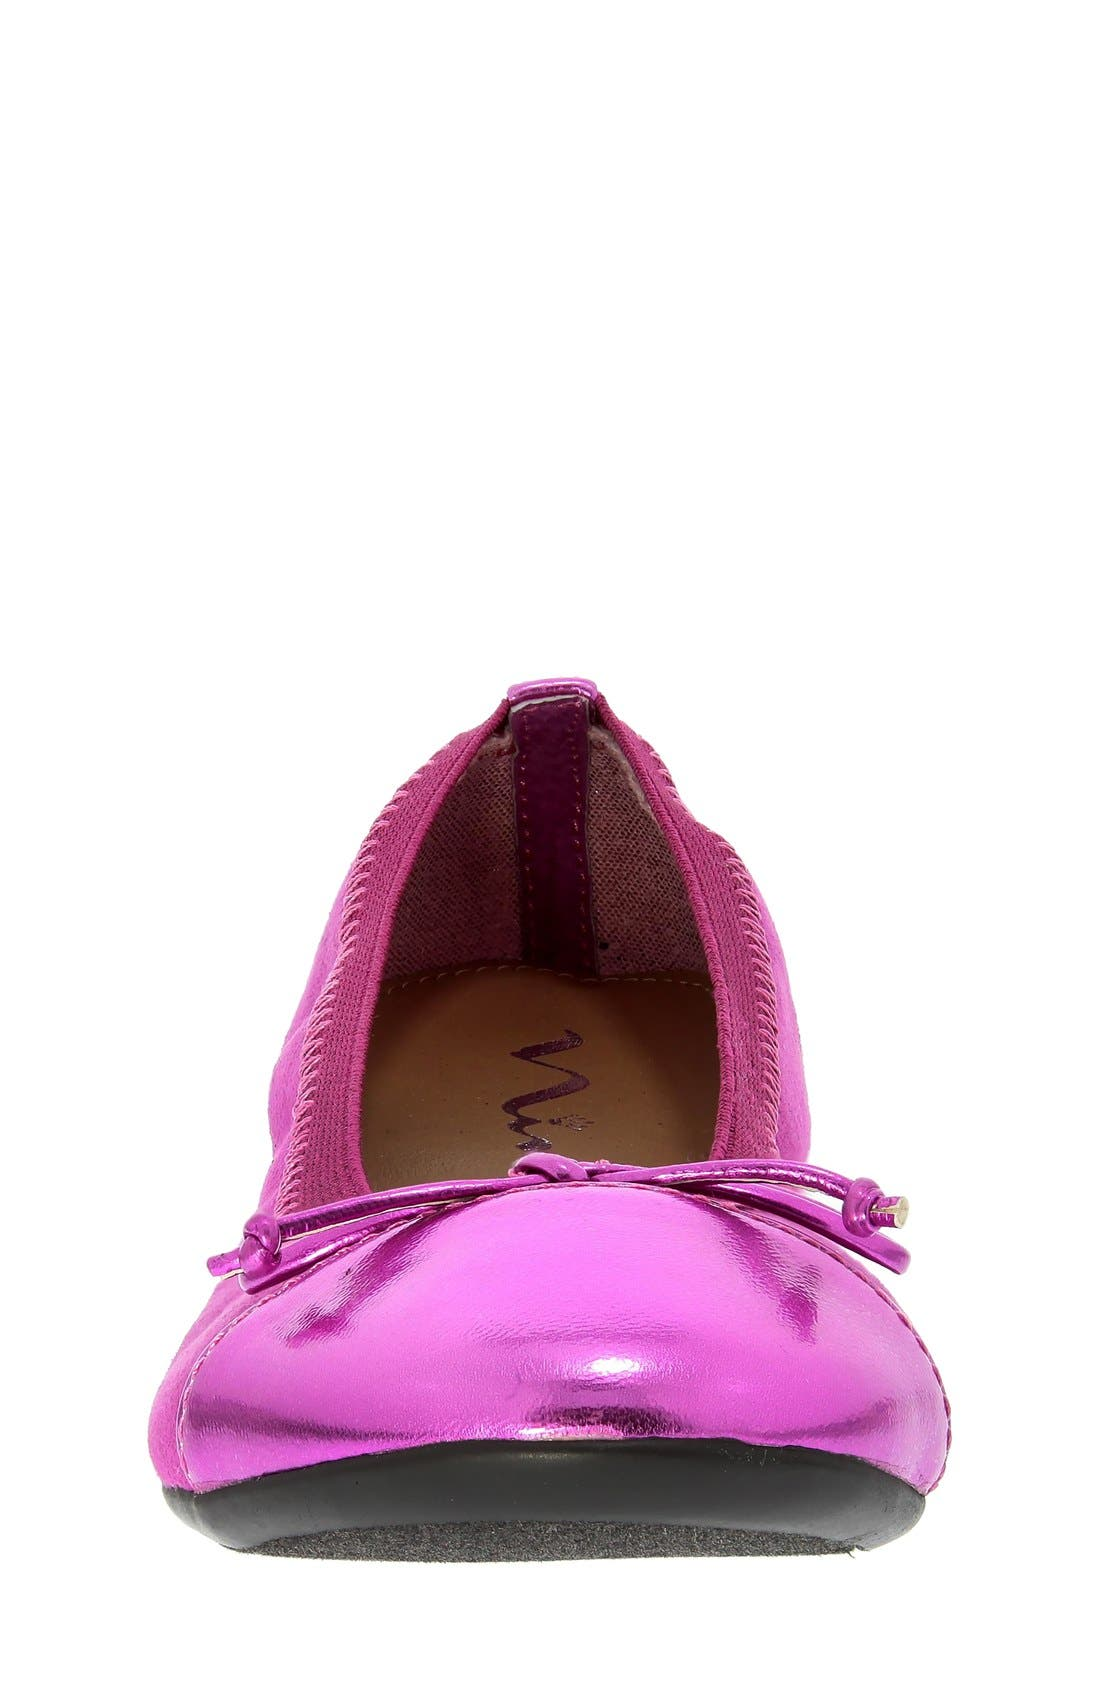 'Flower' Ballerina Flat,                             Alternate thumbnail 4, color,                             693